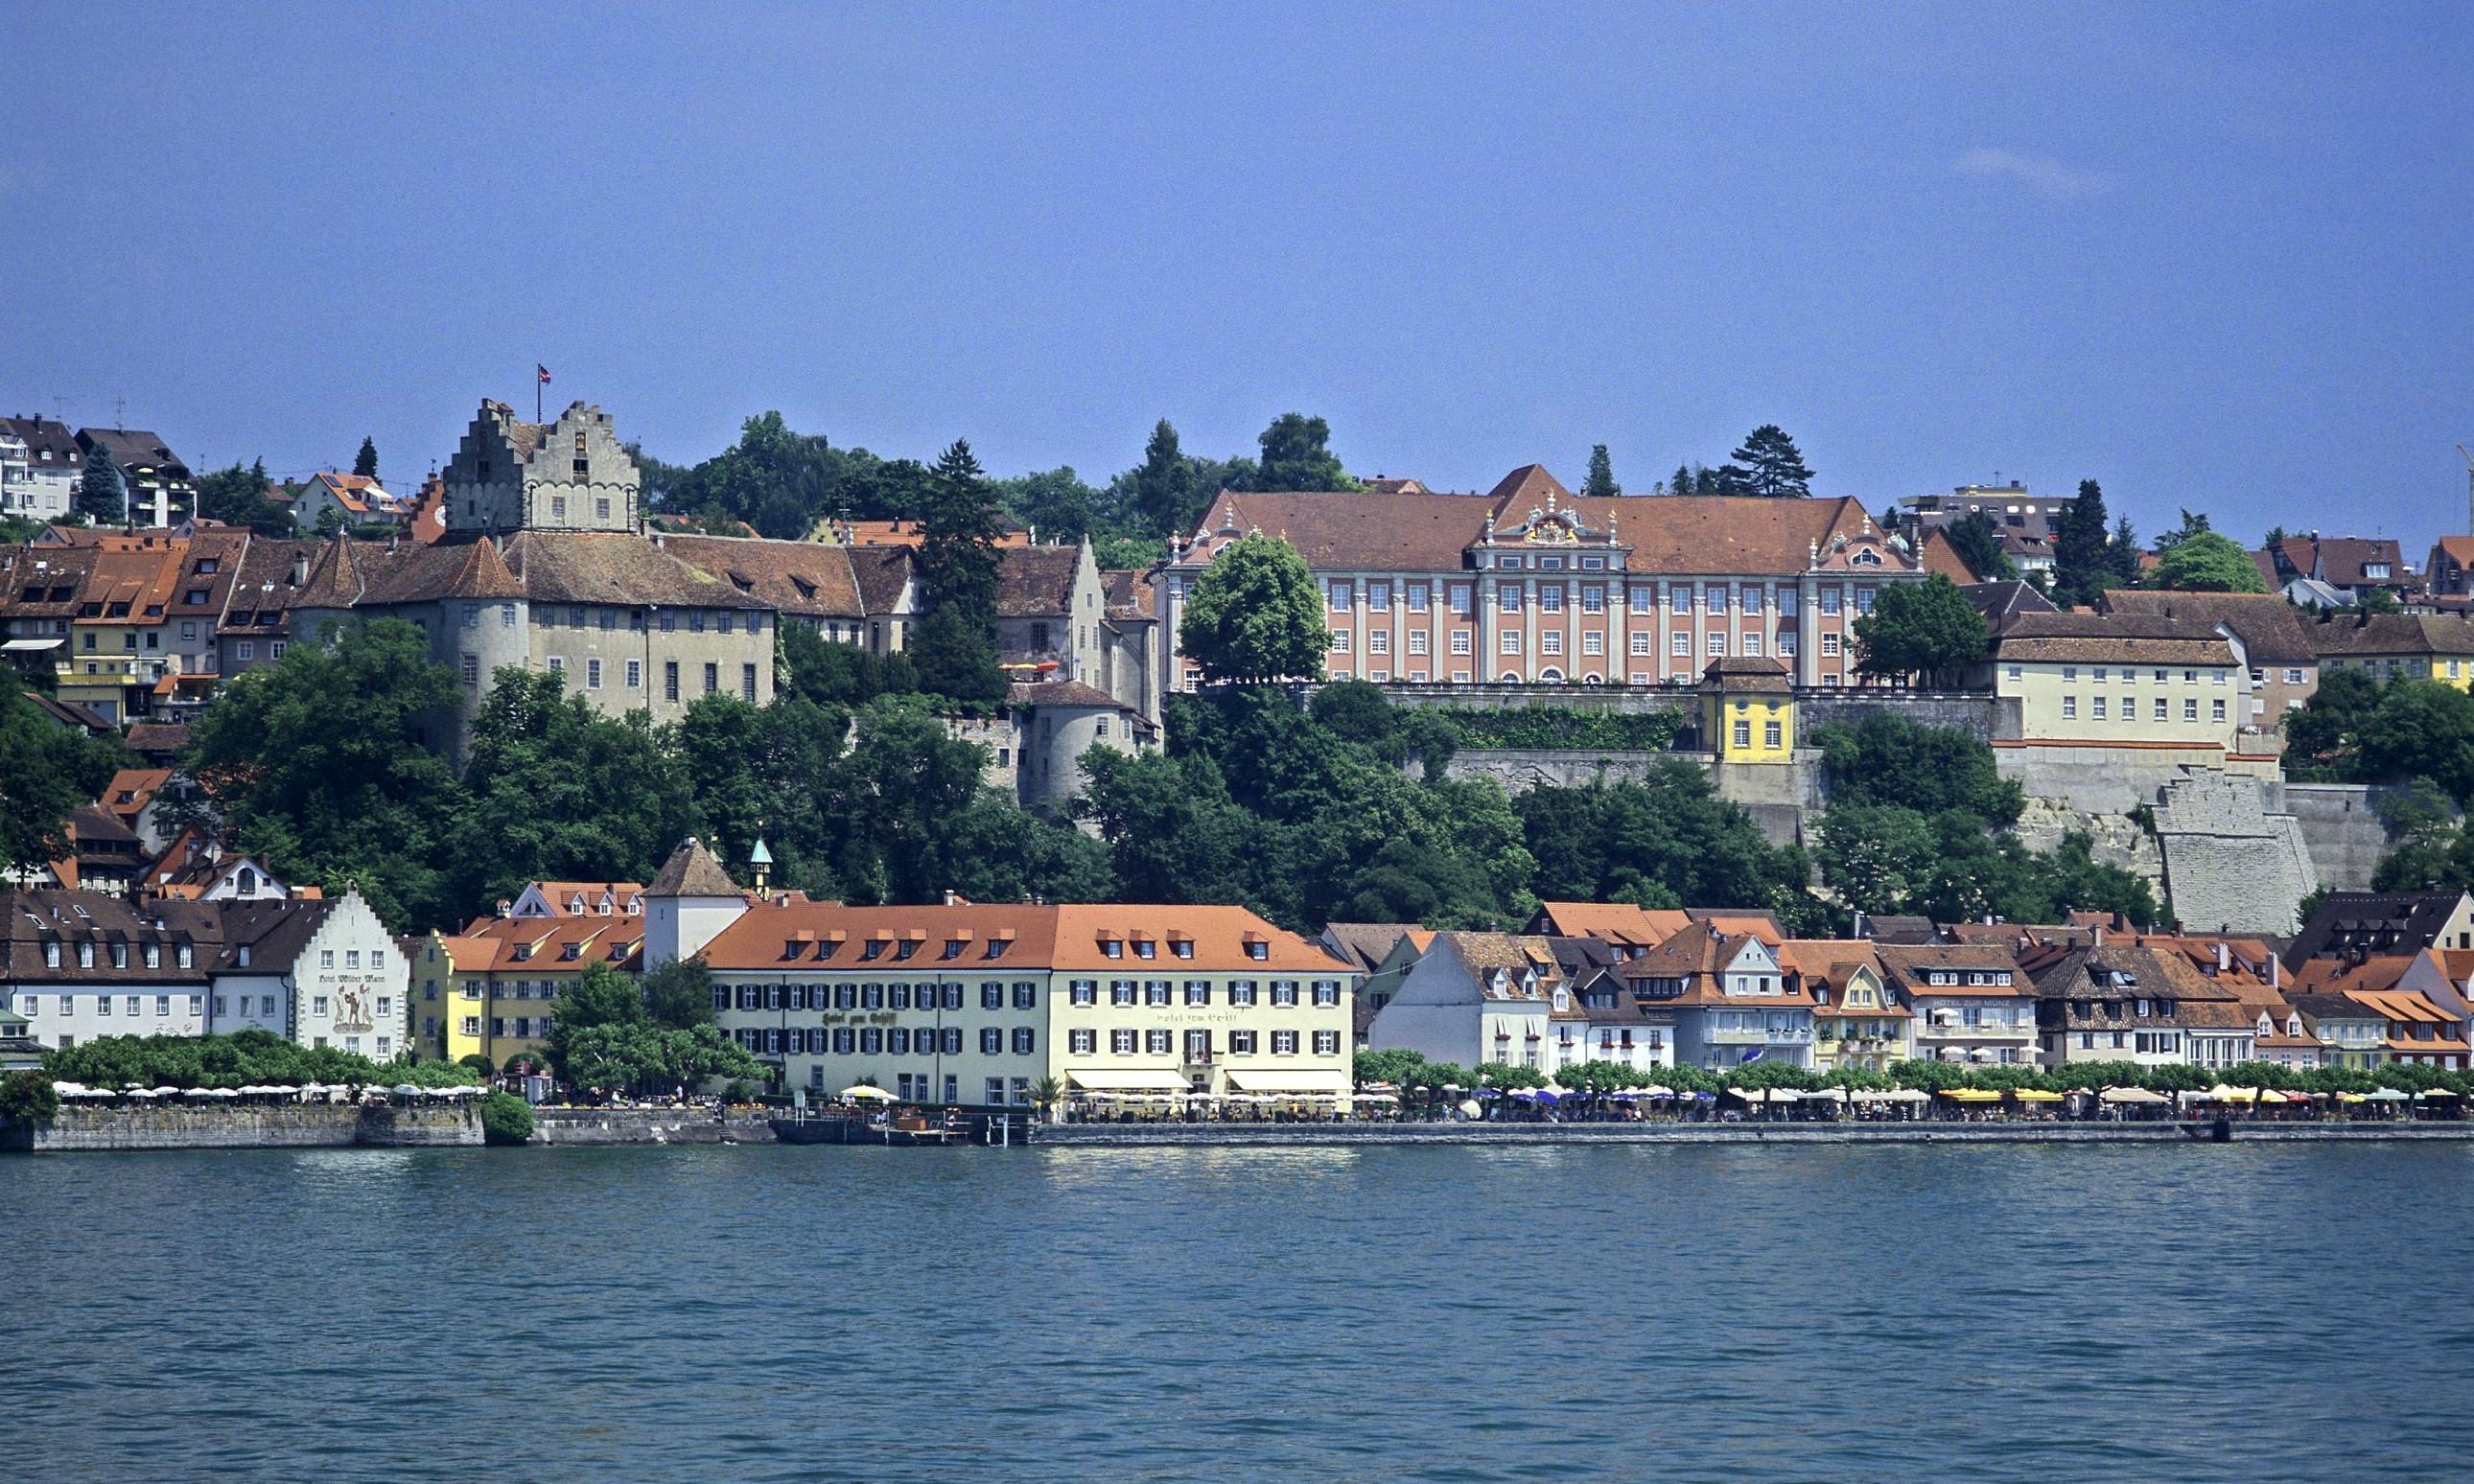 Blick vom See zur Meersburg und dem Neuen Schloss; Foto: Landesmedienzentrum Baden-Württemberg, Arnim Weischer